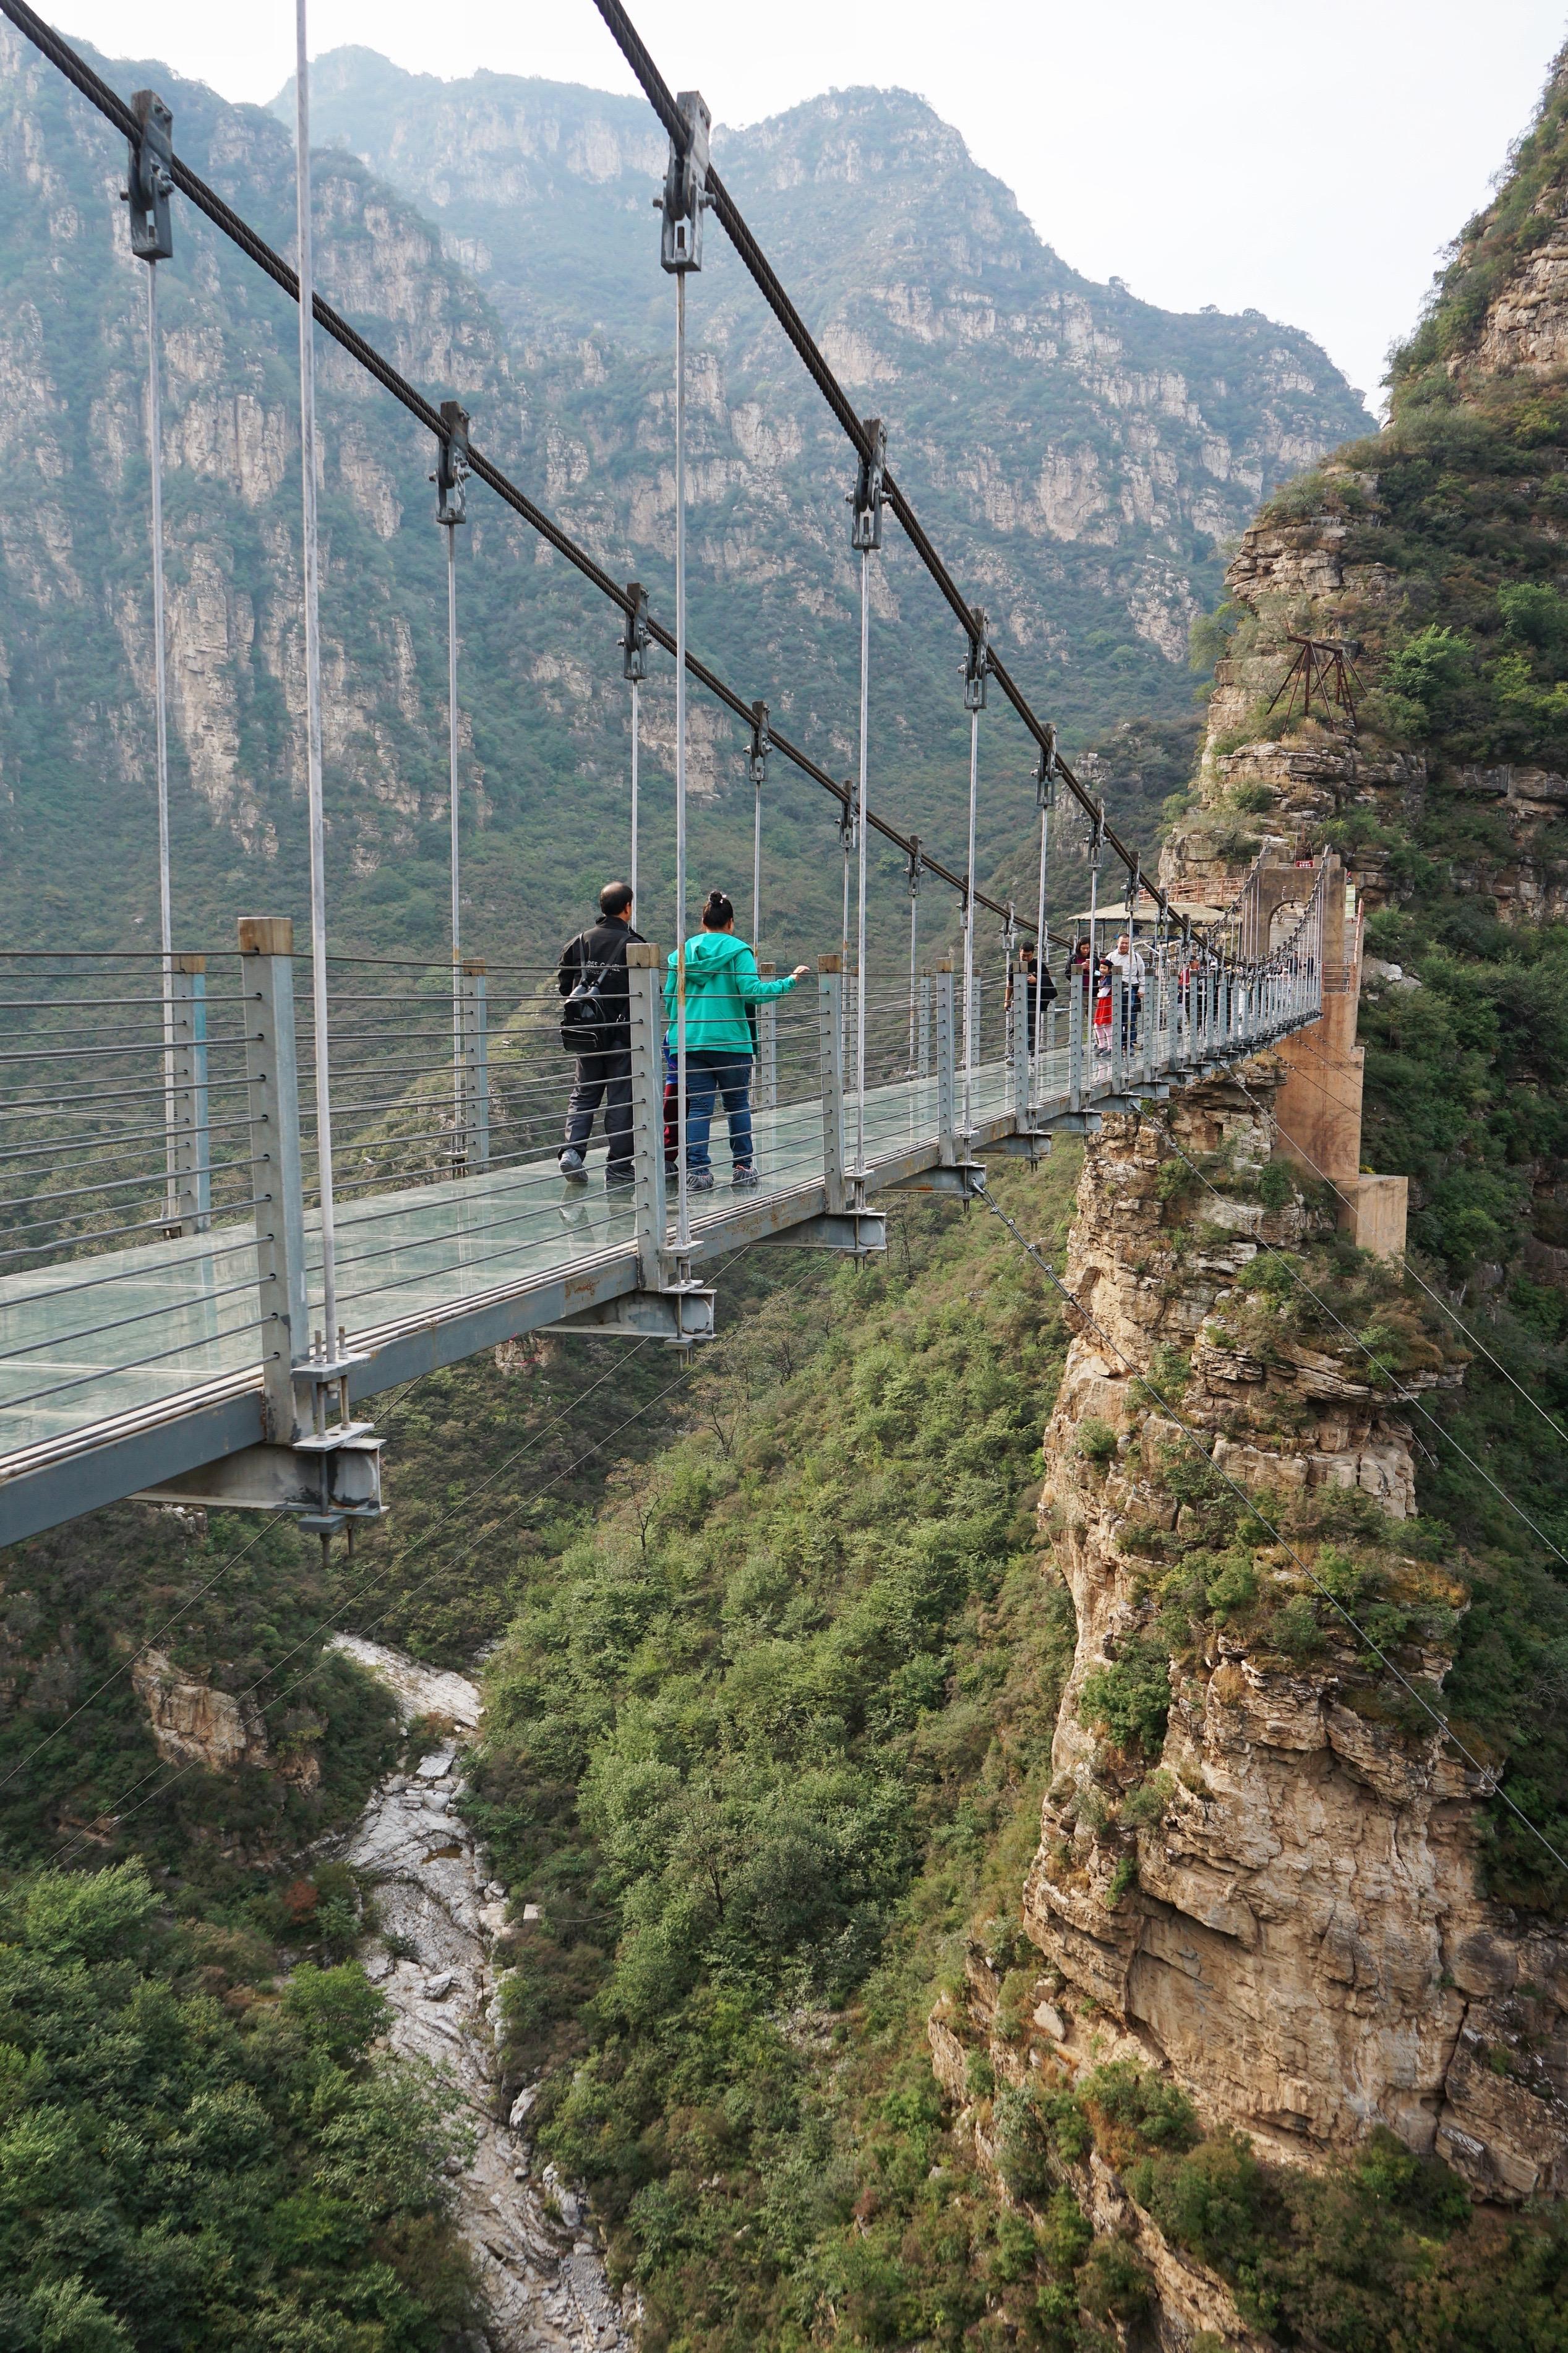 想去西安挑战华山长空栈道?先在北京玩个崖壁穿越,看你够不够胆